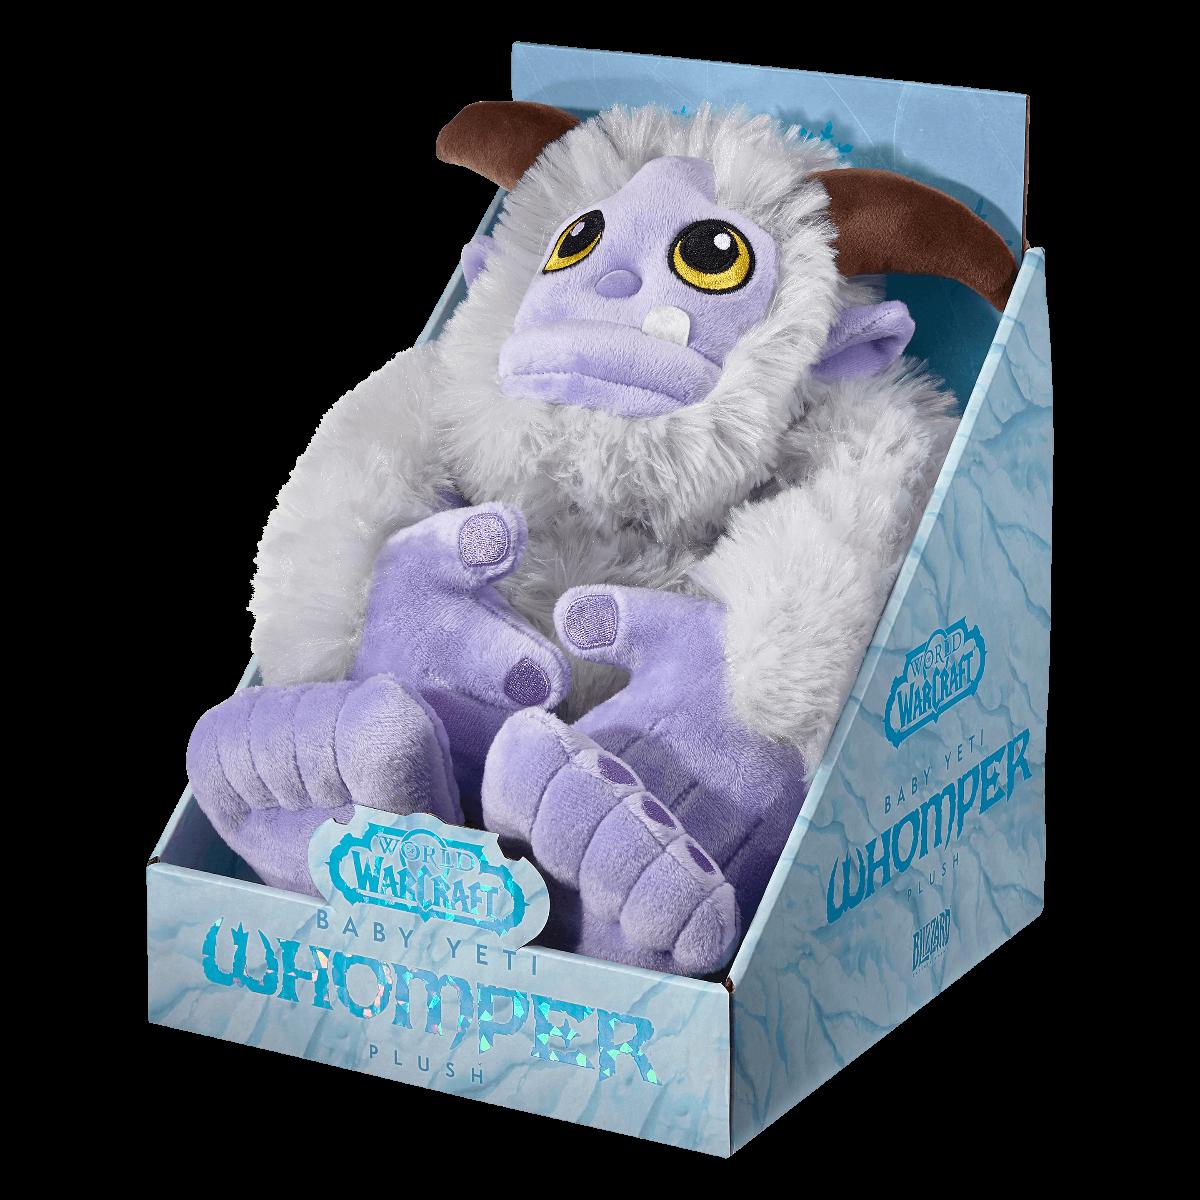 World of Warcraft Baby Yeti Plush